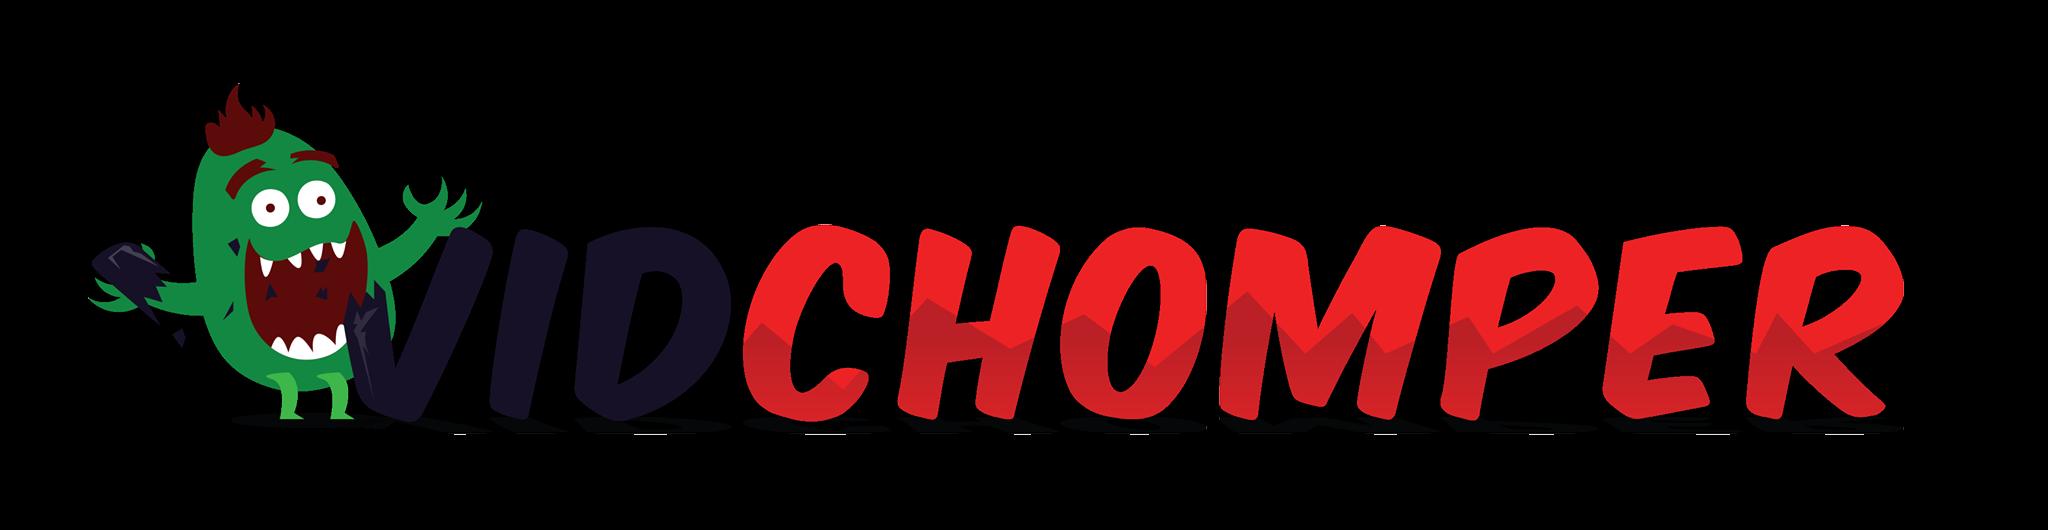 VidChomper logo